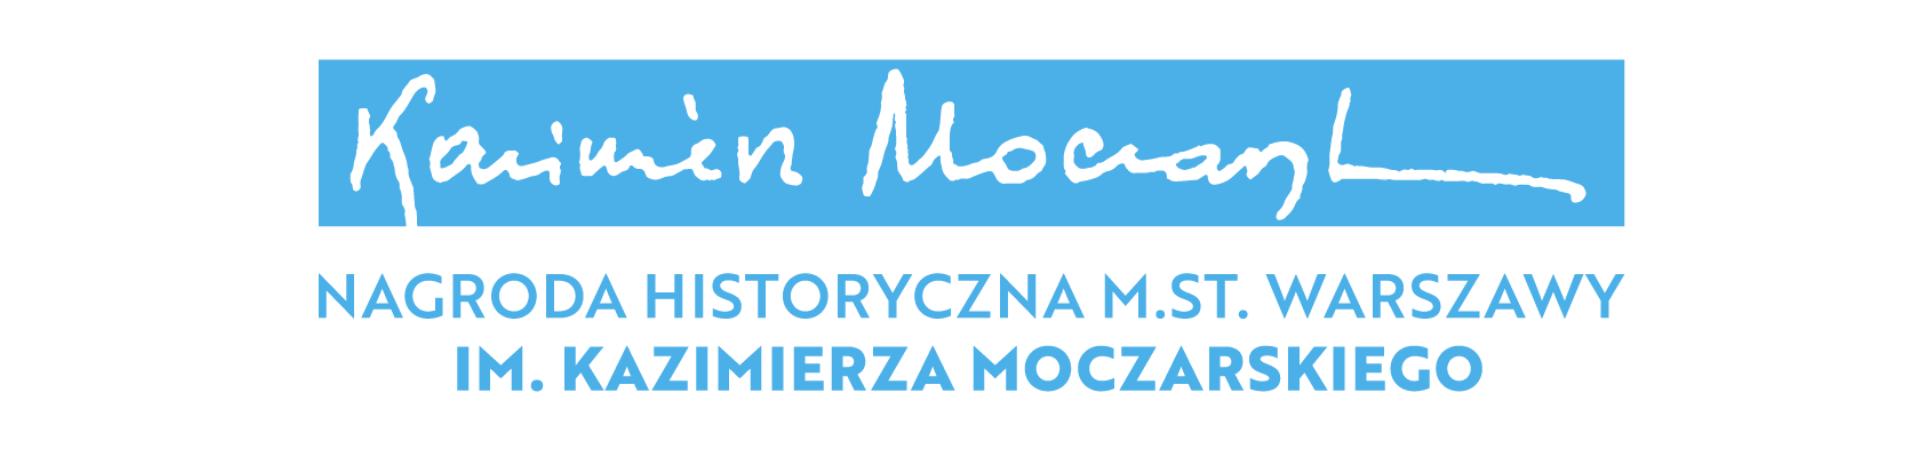 Nagroda historyczna Kazimierza Moczarskiego